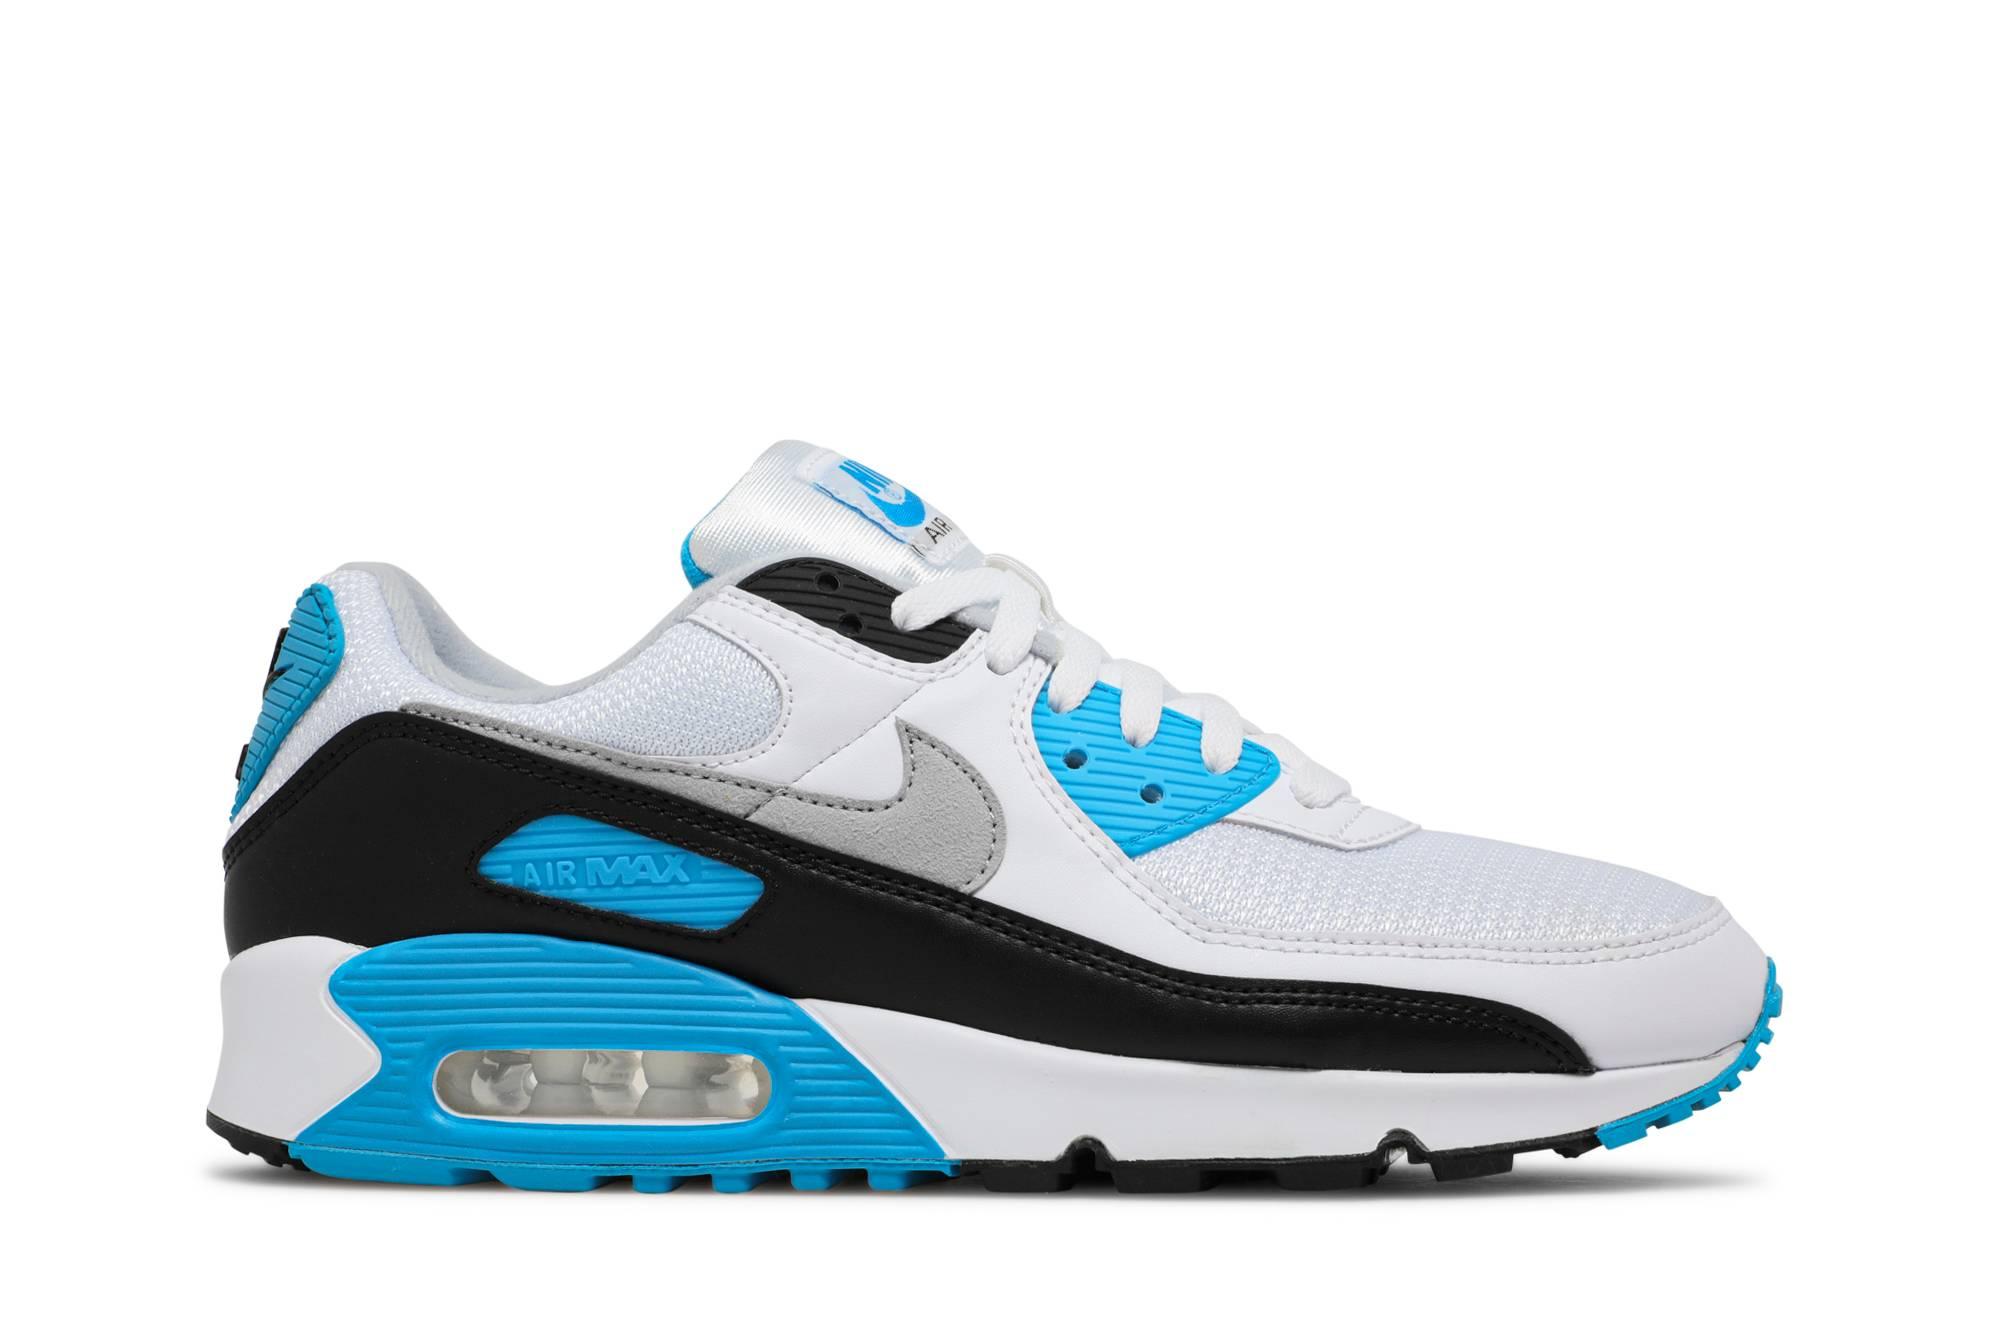 Nike Air Max 90 Retro 'Laser Blue' 20